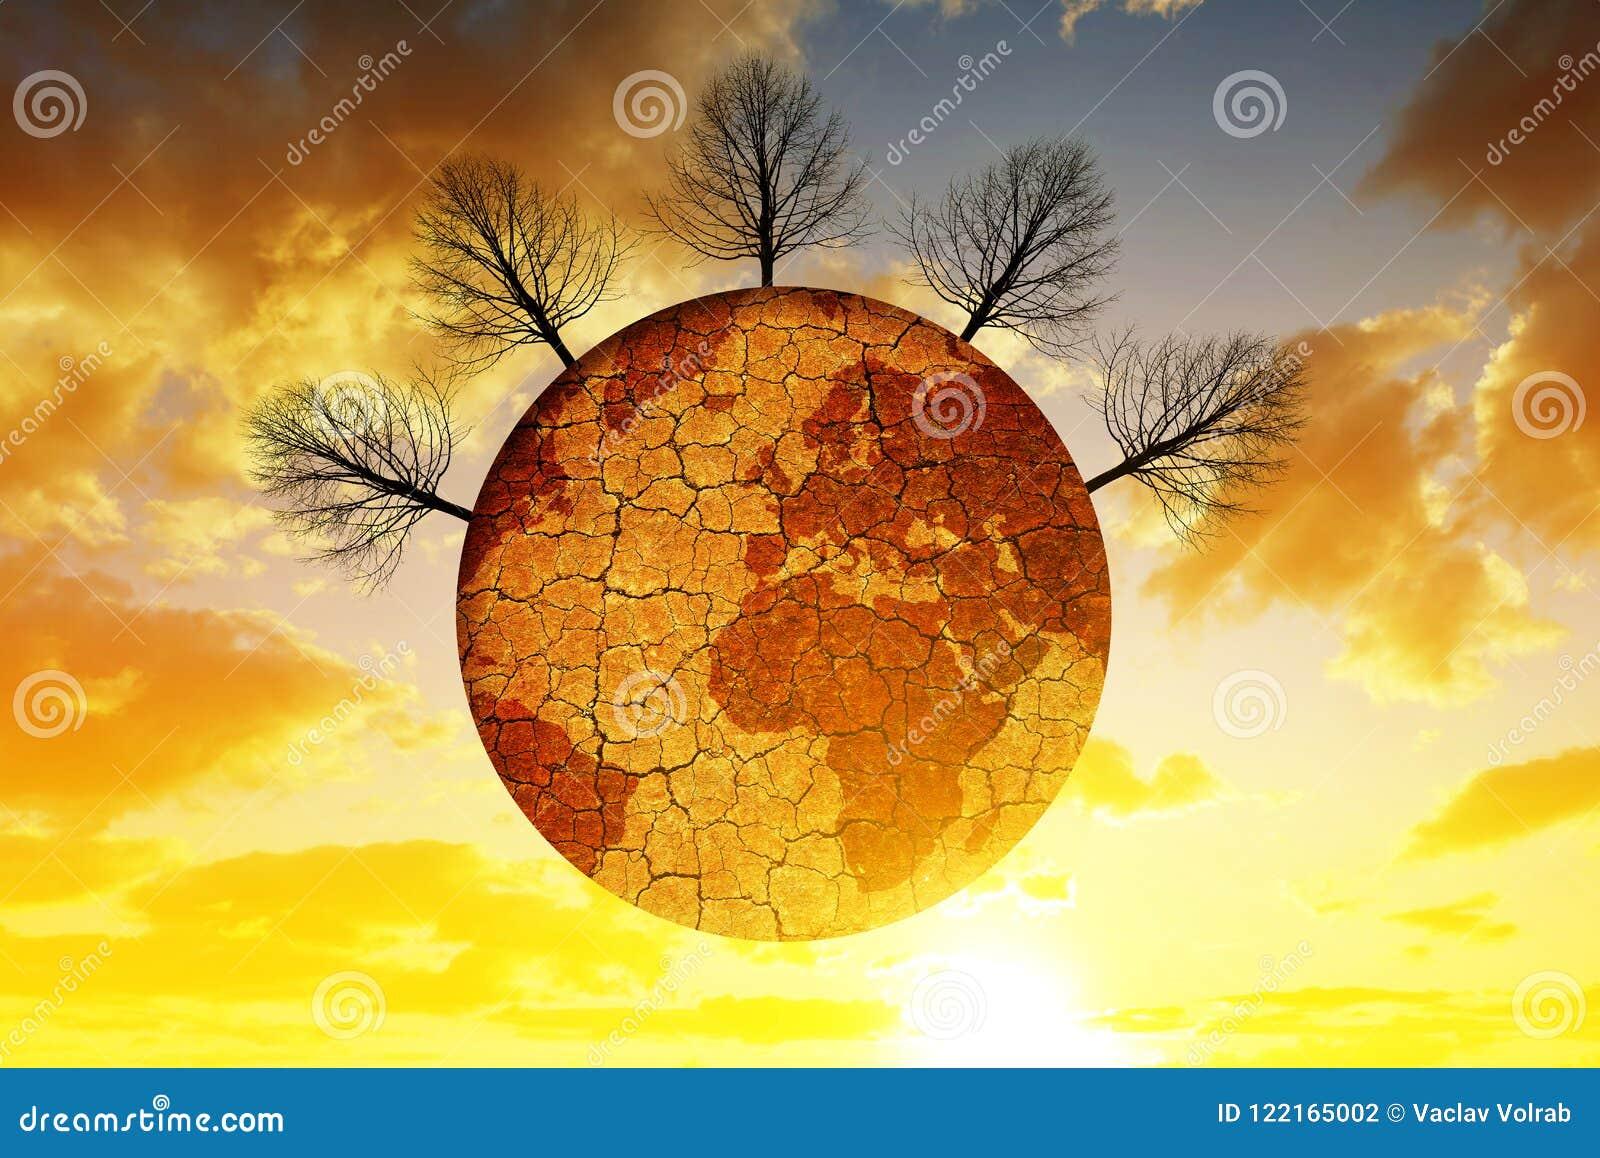 Ξηρός πλανήτης με το ραγισμένο χώμα και τα άγονα δέντρα, στον ουρανό ηλιοβασιλέματος υποβάθρου